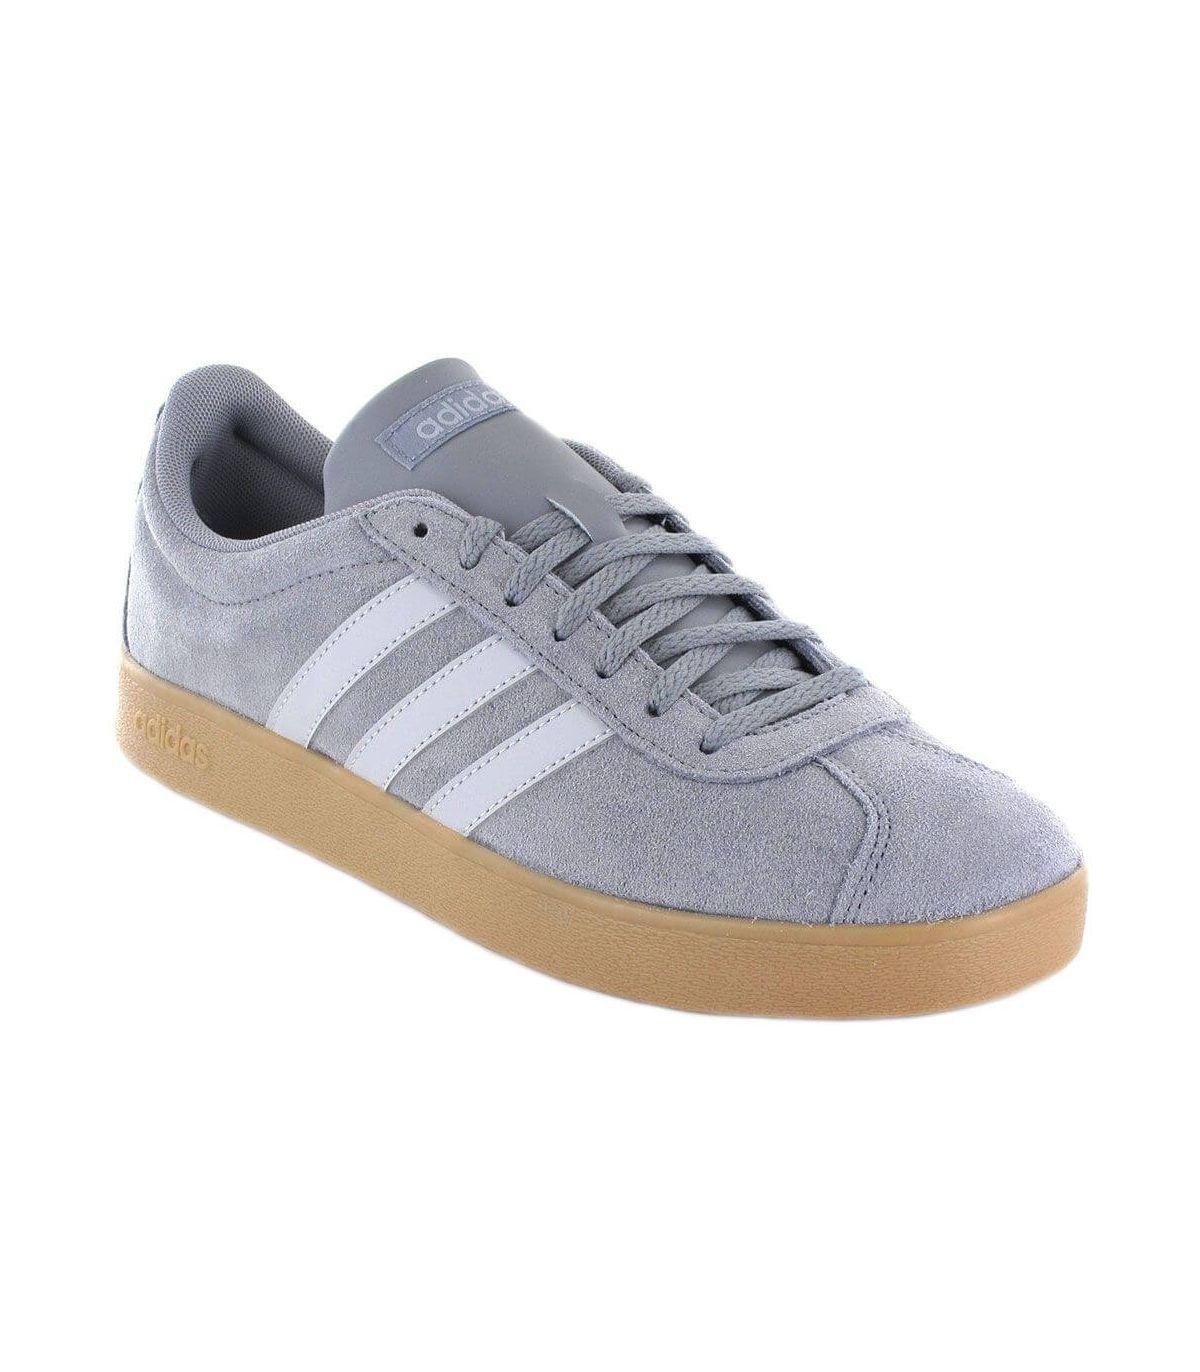 Adidas VL Court 2.0 Gris Adidas Calzado Casual Hombre Lifestyle Tallas: 40, 44, 44 2/3, 47 1/3, 48; Color: gris